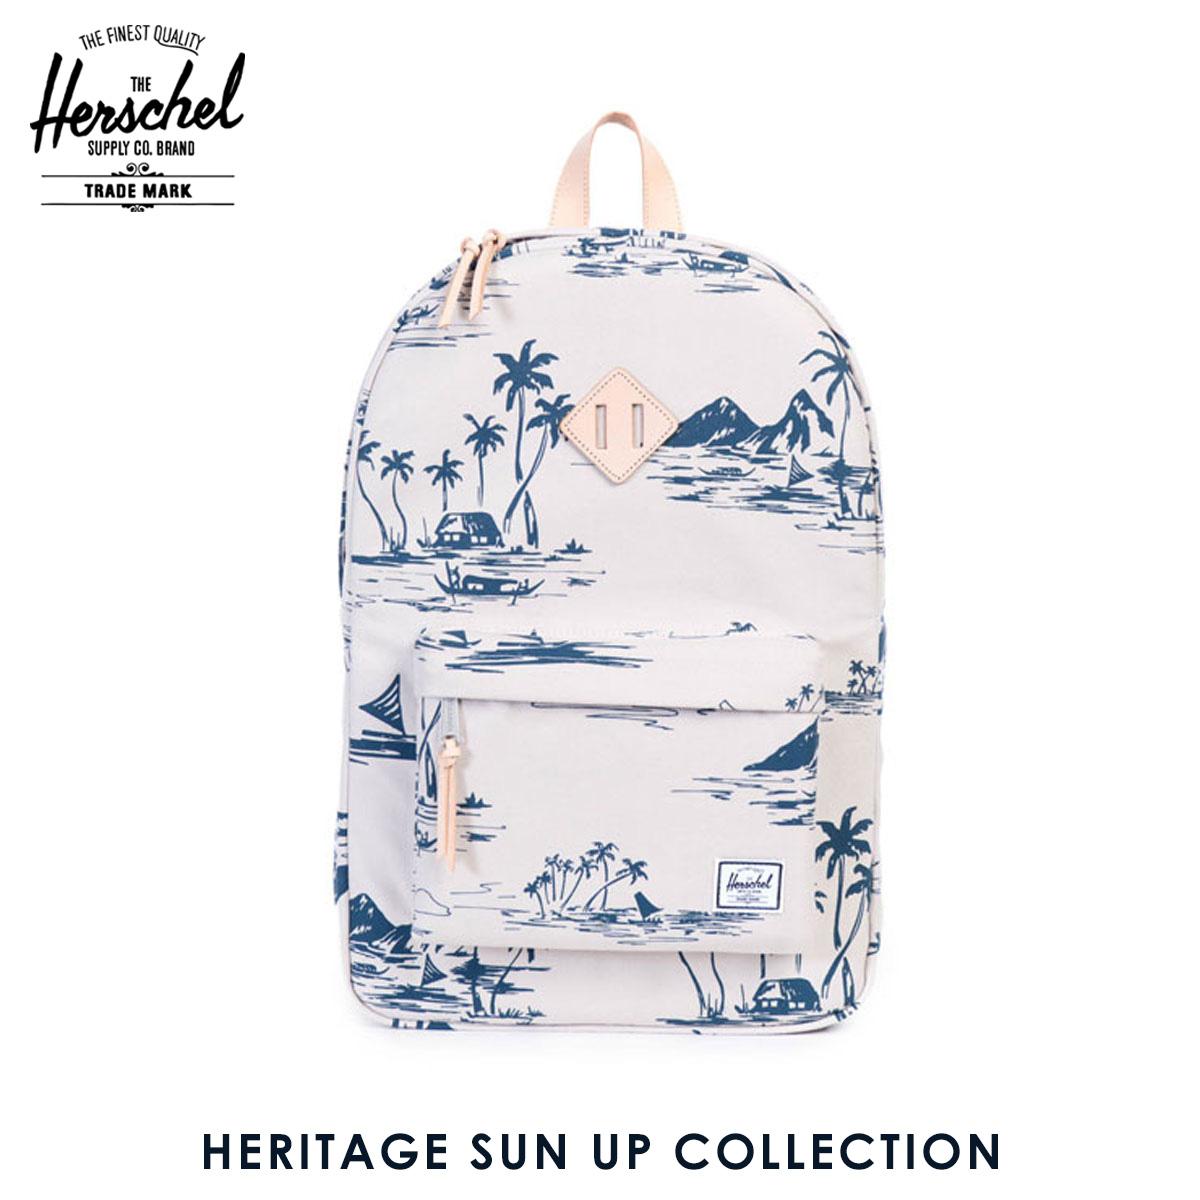 【販売期間 6/4 10:00~6/11 09:59】 ハーシェル バッグ 正規販売店 Herschel Supply ハーシャルサプライ バッグ リュックサック Heritage SUN UP COLLECTION 父の日